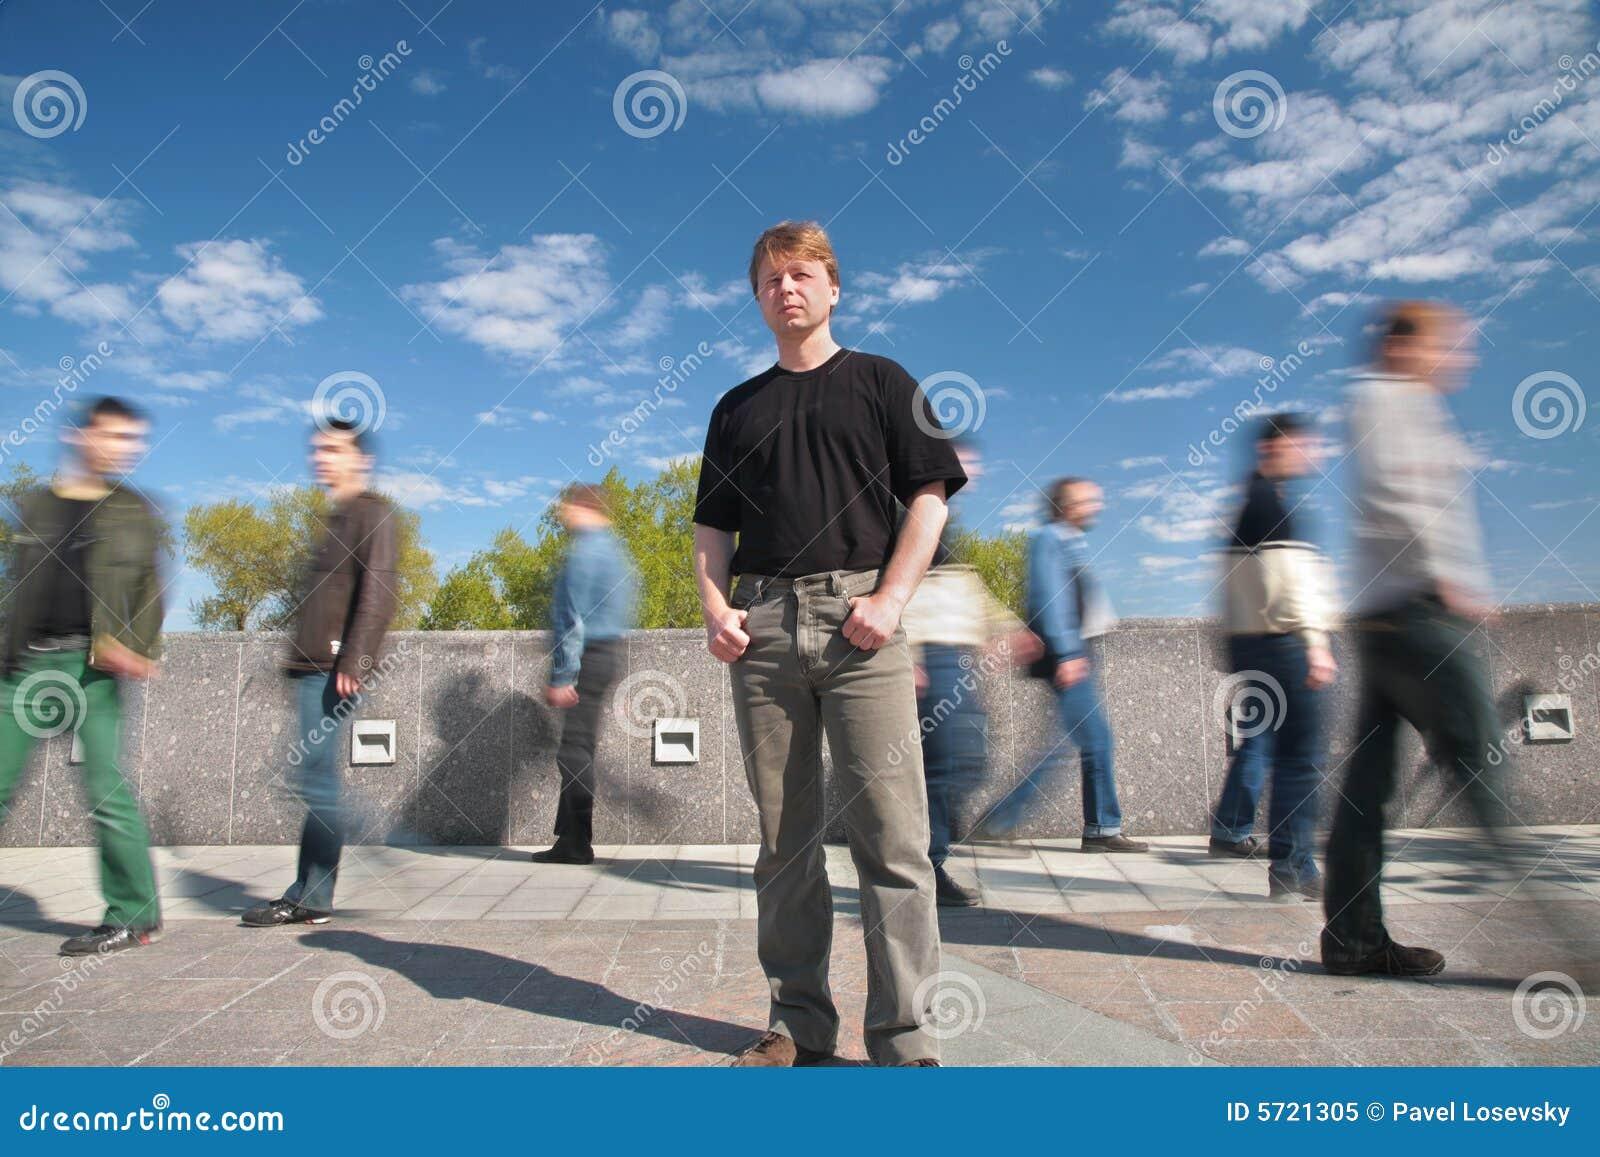 Bevindende mens onder bewegende voetgangers